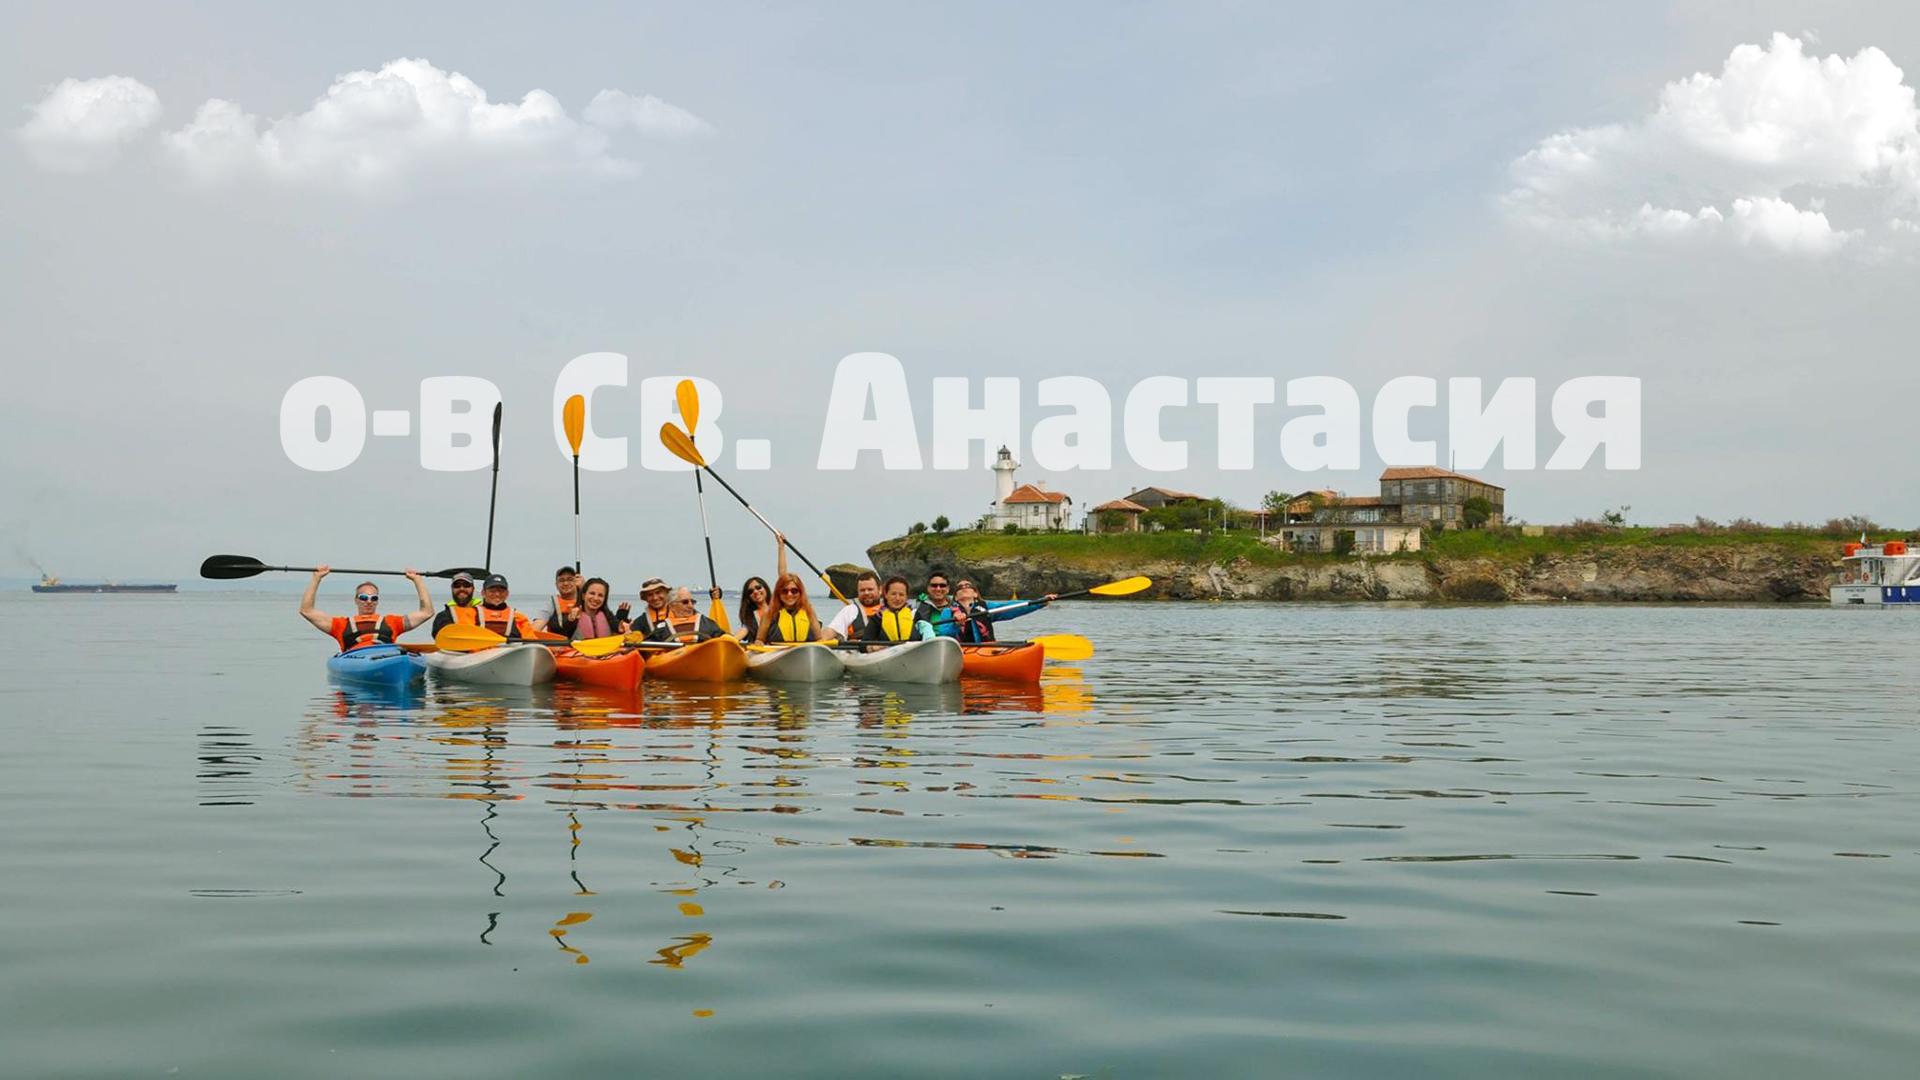 St.Anastasia kayaking adventure